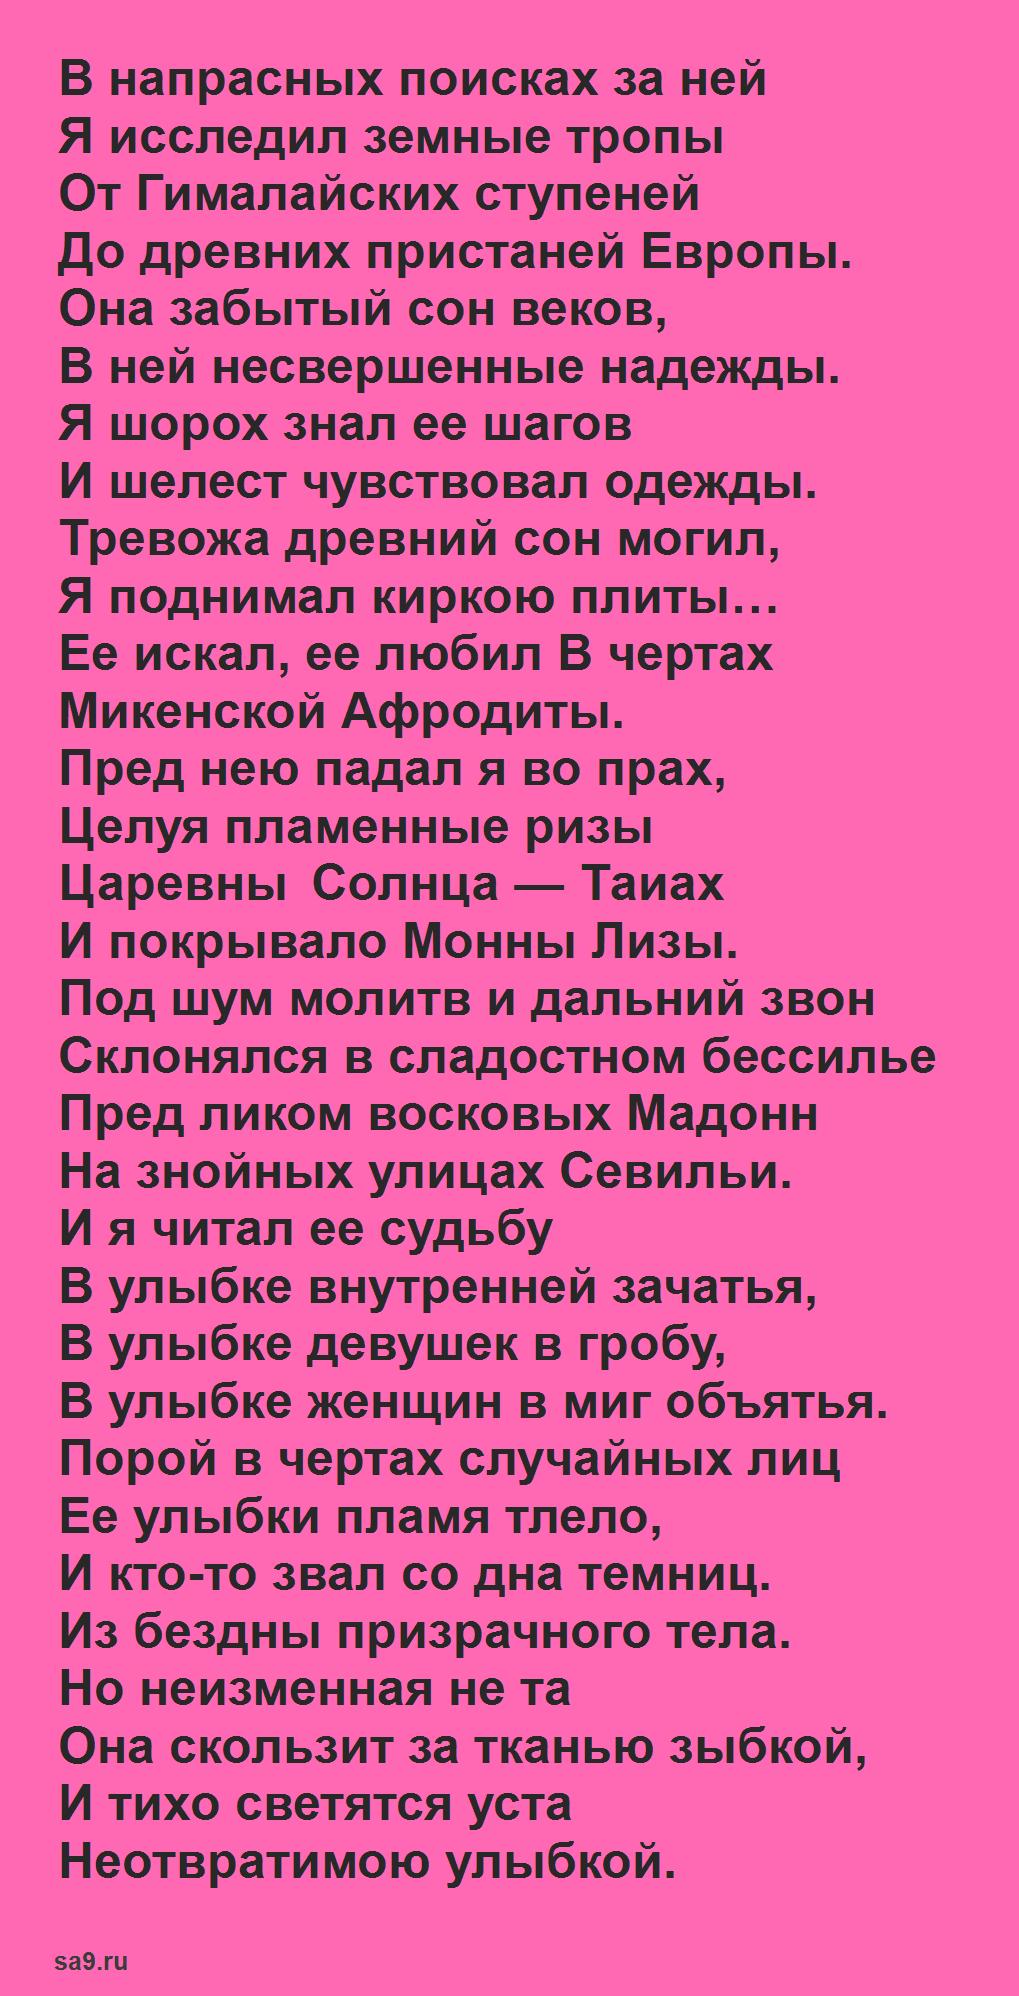 Признание в любви девушке, в стихах